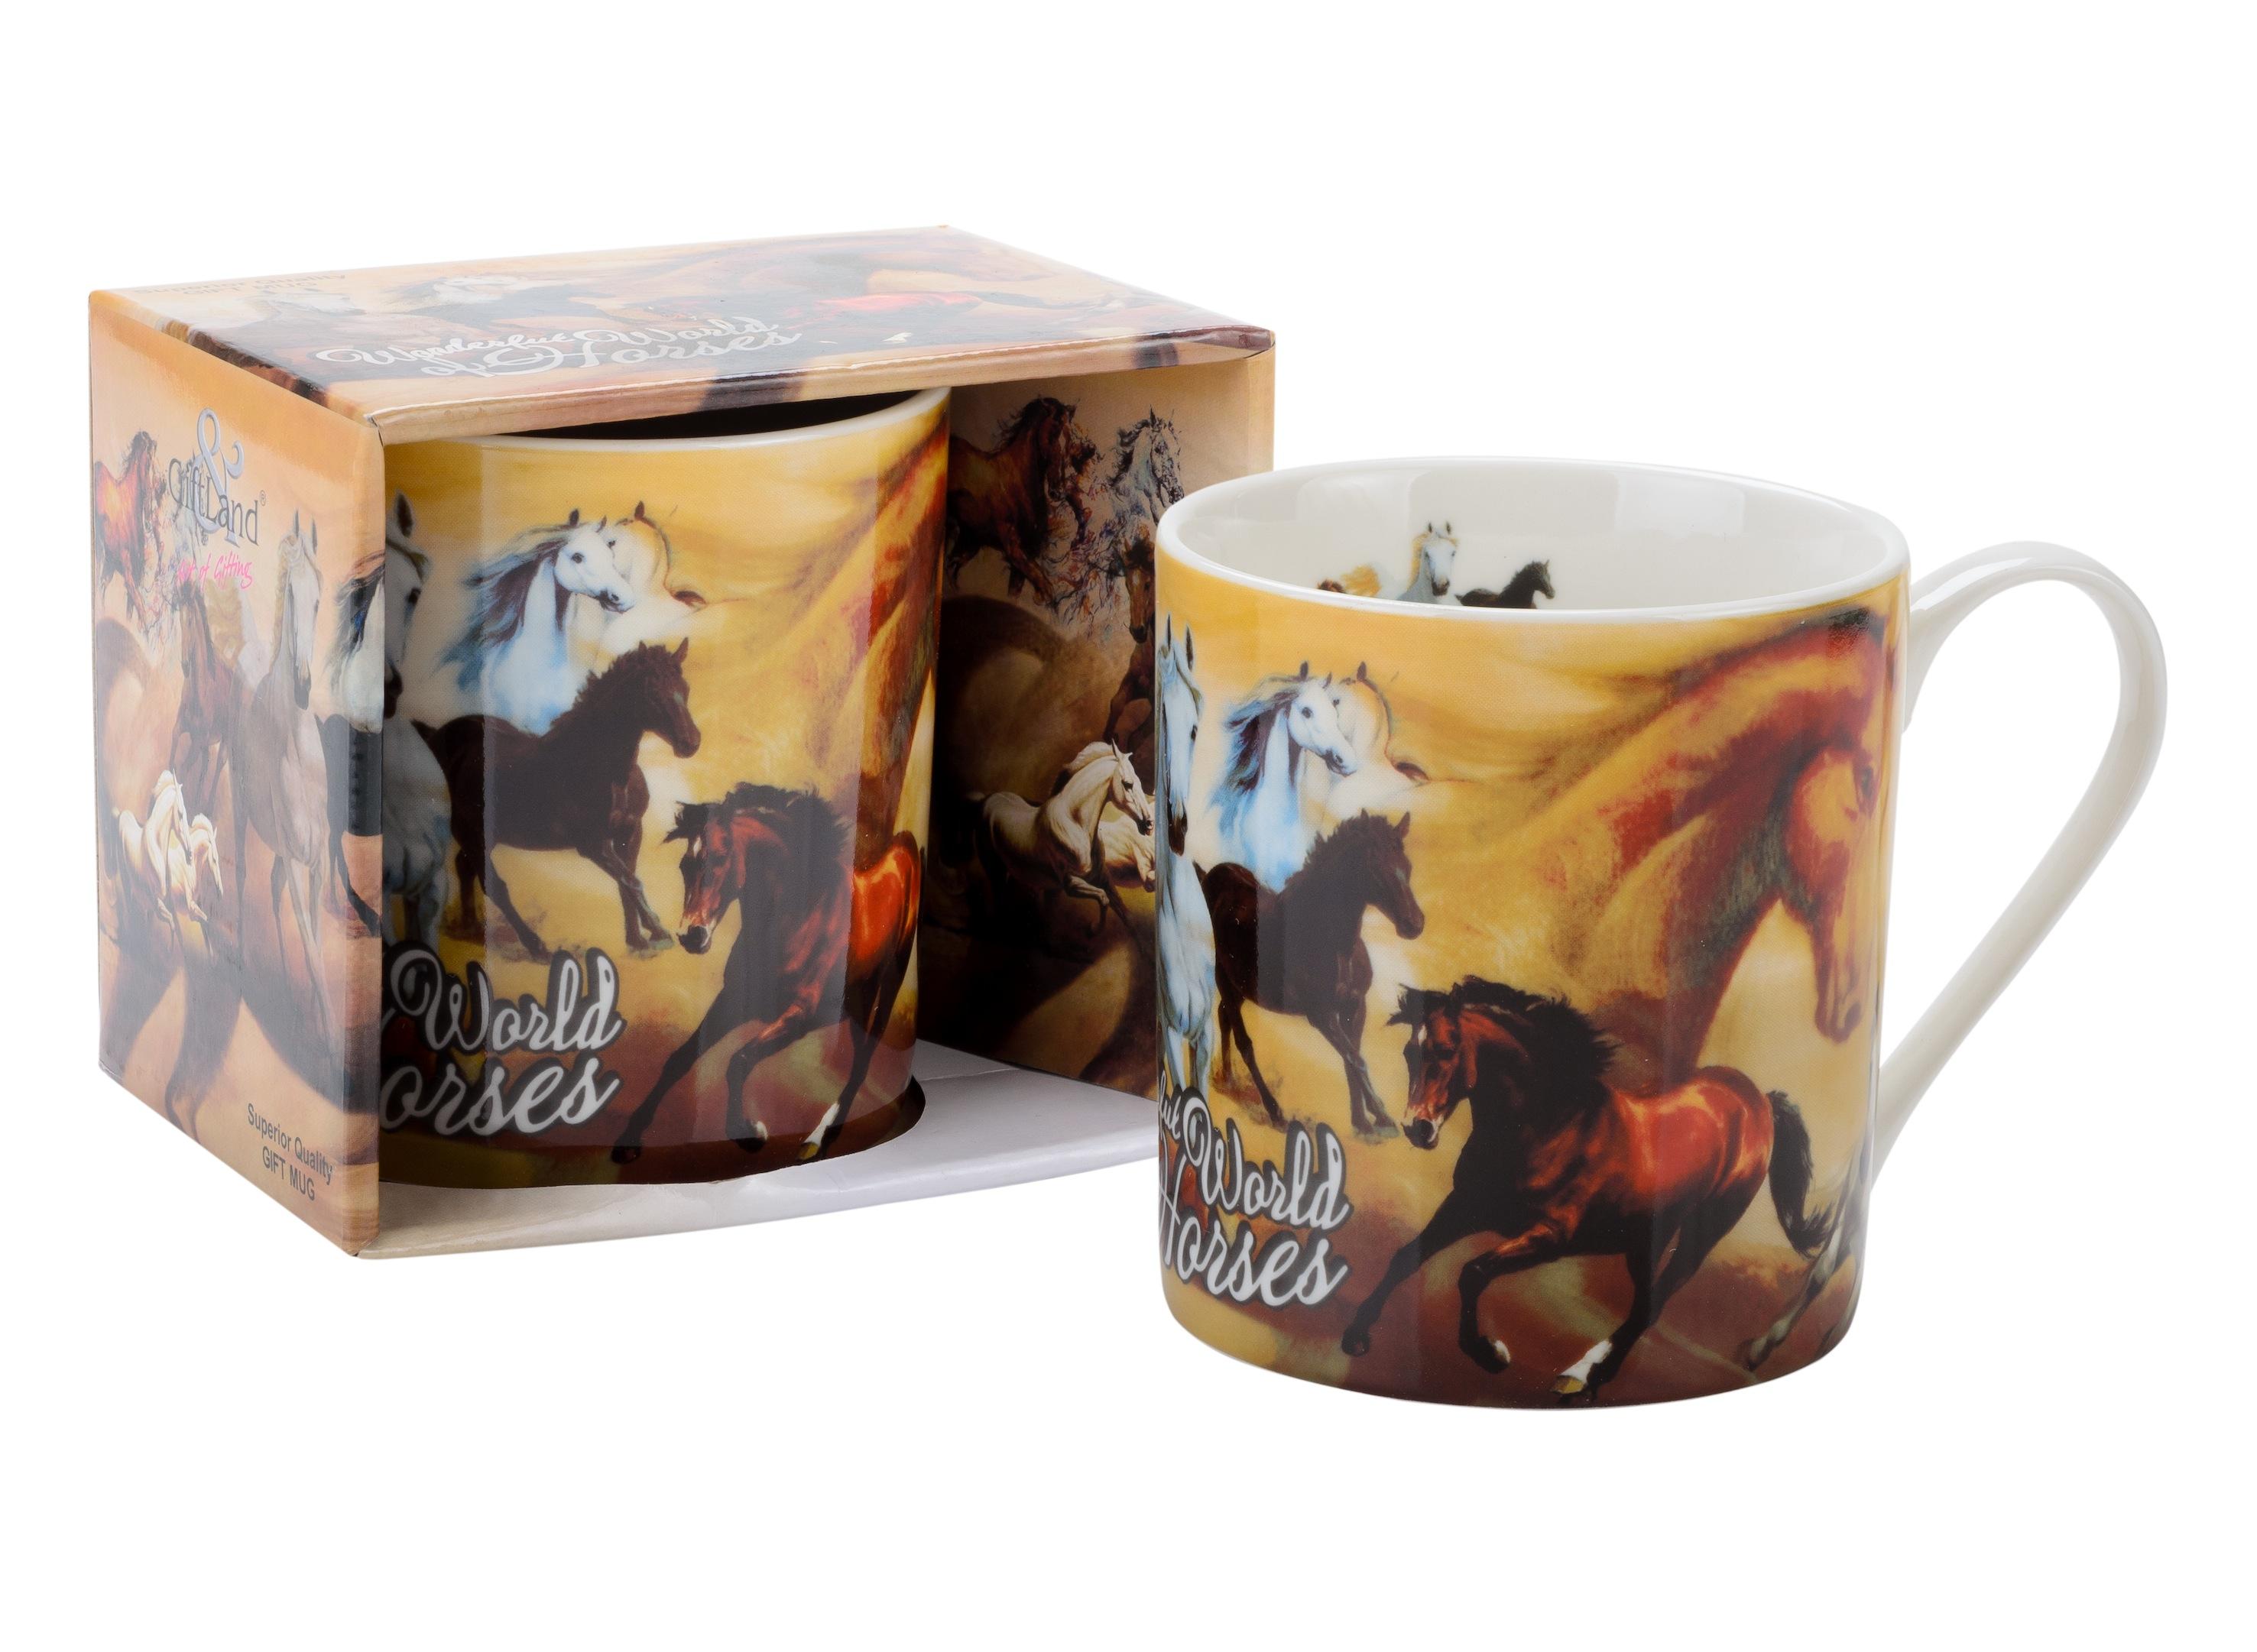 Кружка GiftLand Удивительный мир лошадей, 400 млM013-HorseКружка GiftLand Удивительный мир лошадей изготовлена из костяного фарфора и оформлена красочным изображением лошадей. Кружка упакована в красивую подарочную коробку. Оригинальная кружка порадует вас ярким дизайном и станет неизменным атрибутом чаепития. Прекрасно подойдет в качестве сувенира. Диаметр кружки: 8,5 см. Высота: 9,5 см. Объем: 400 мл.